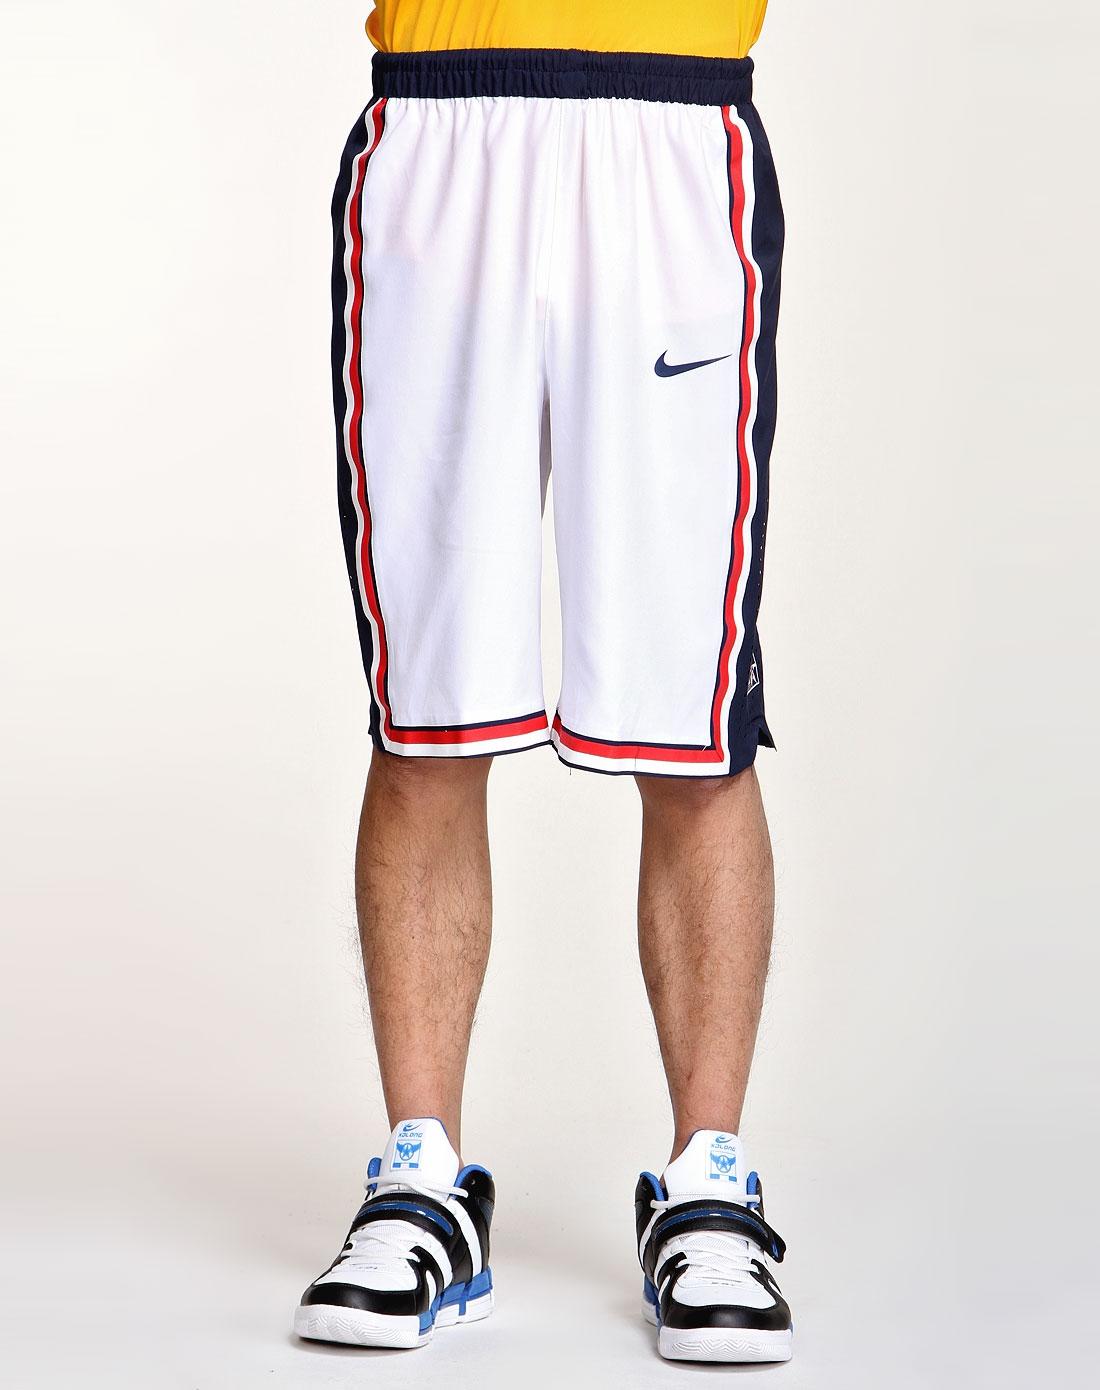 男子白色运动短裤